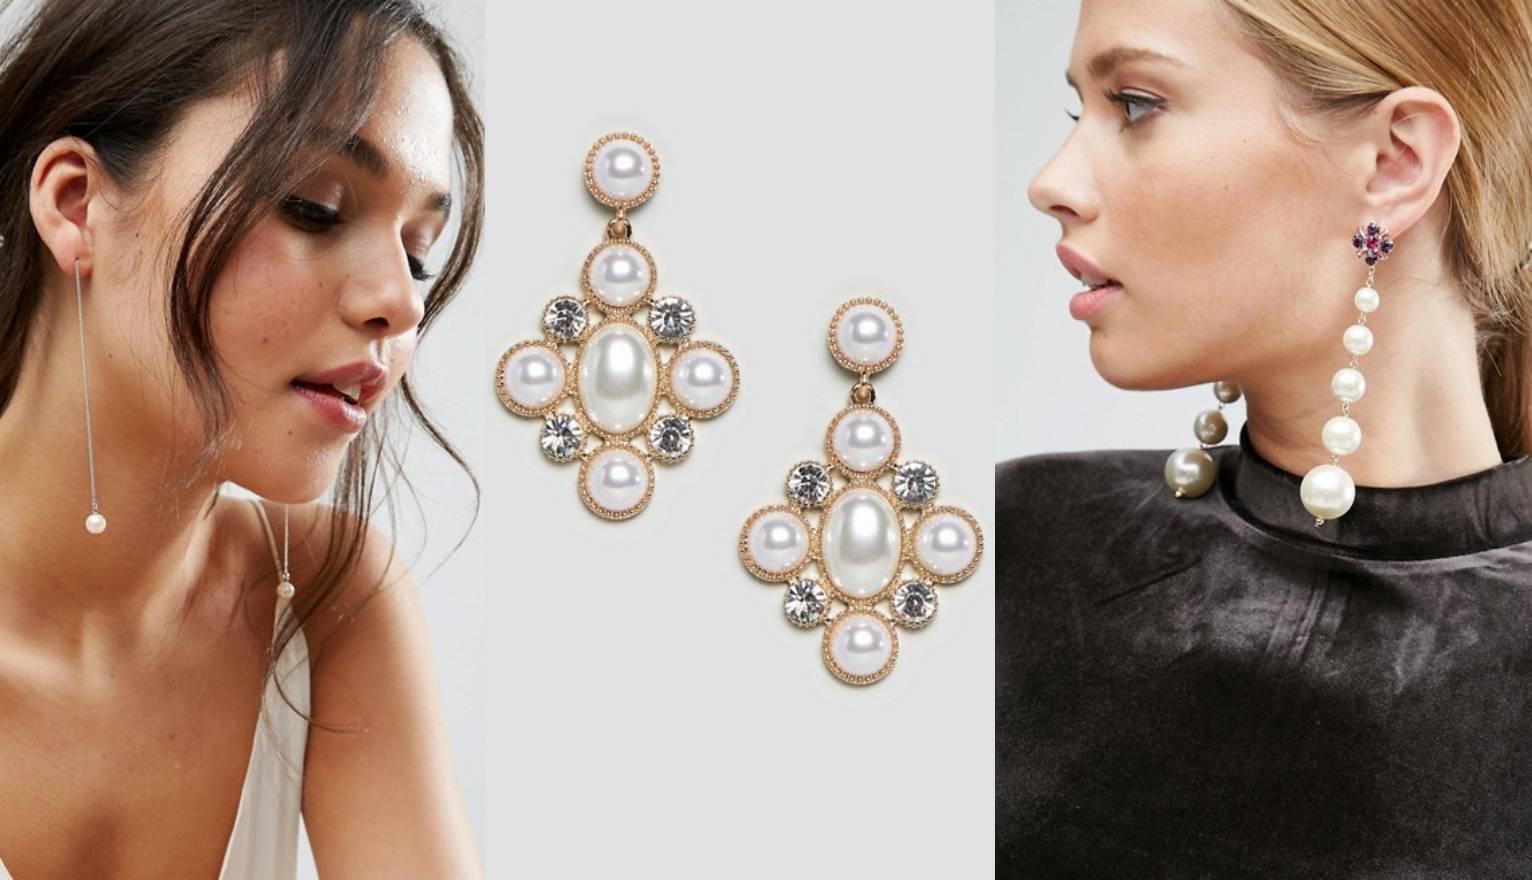 Bijeli biseri: Chic nakit za ljetni party i važne stilske trenutke